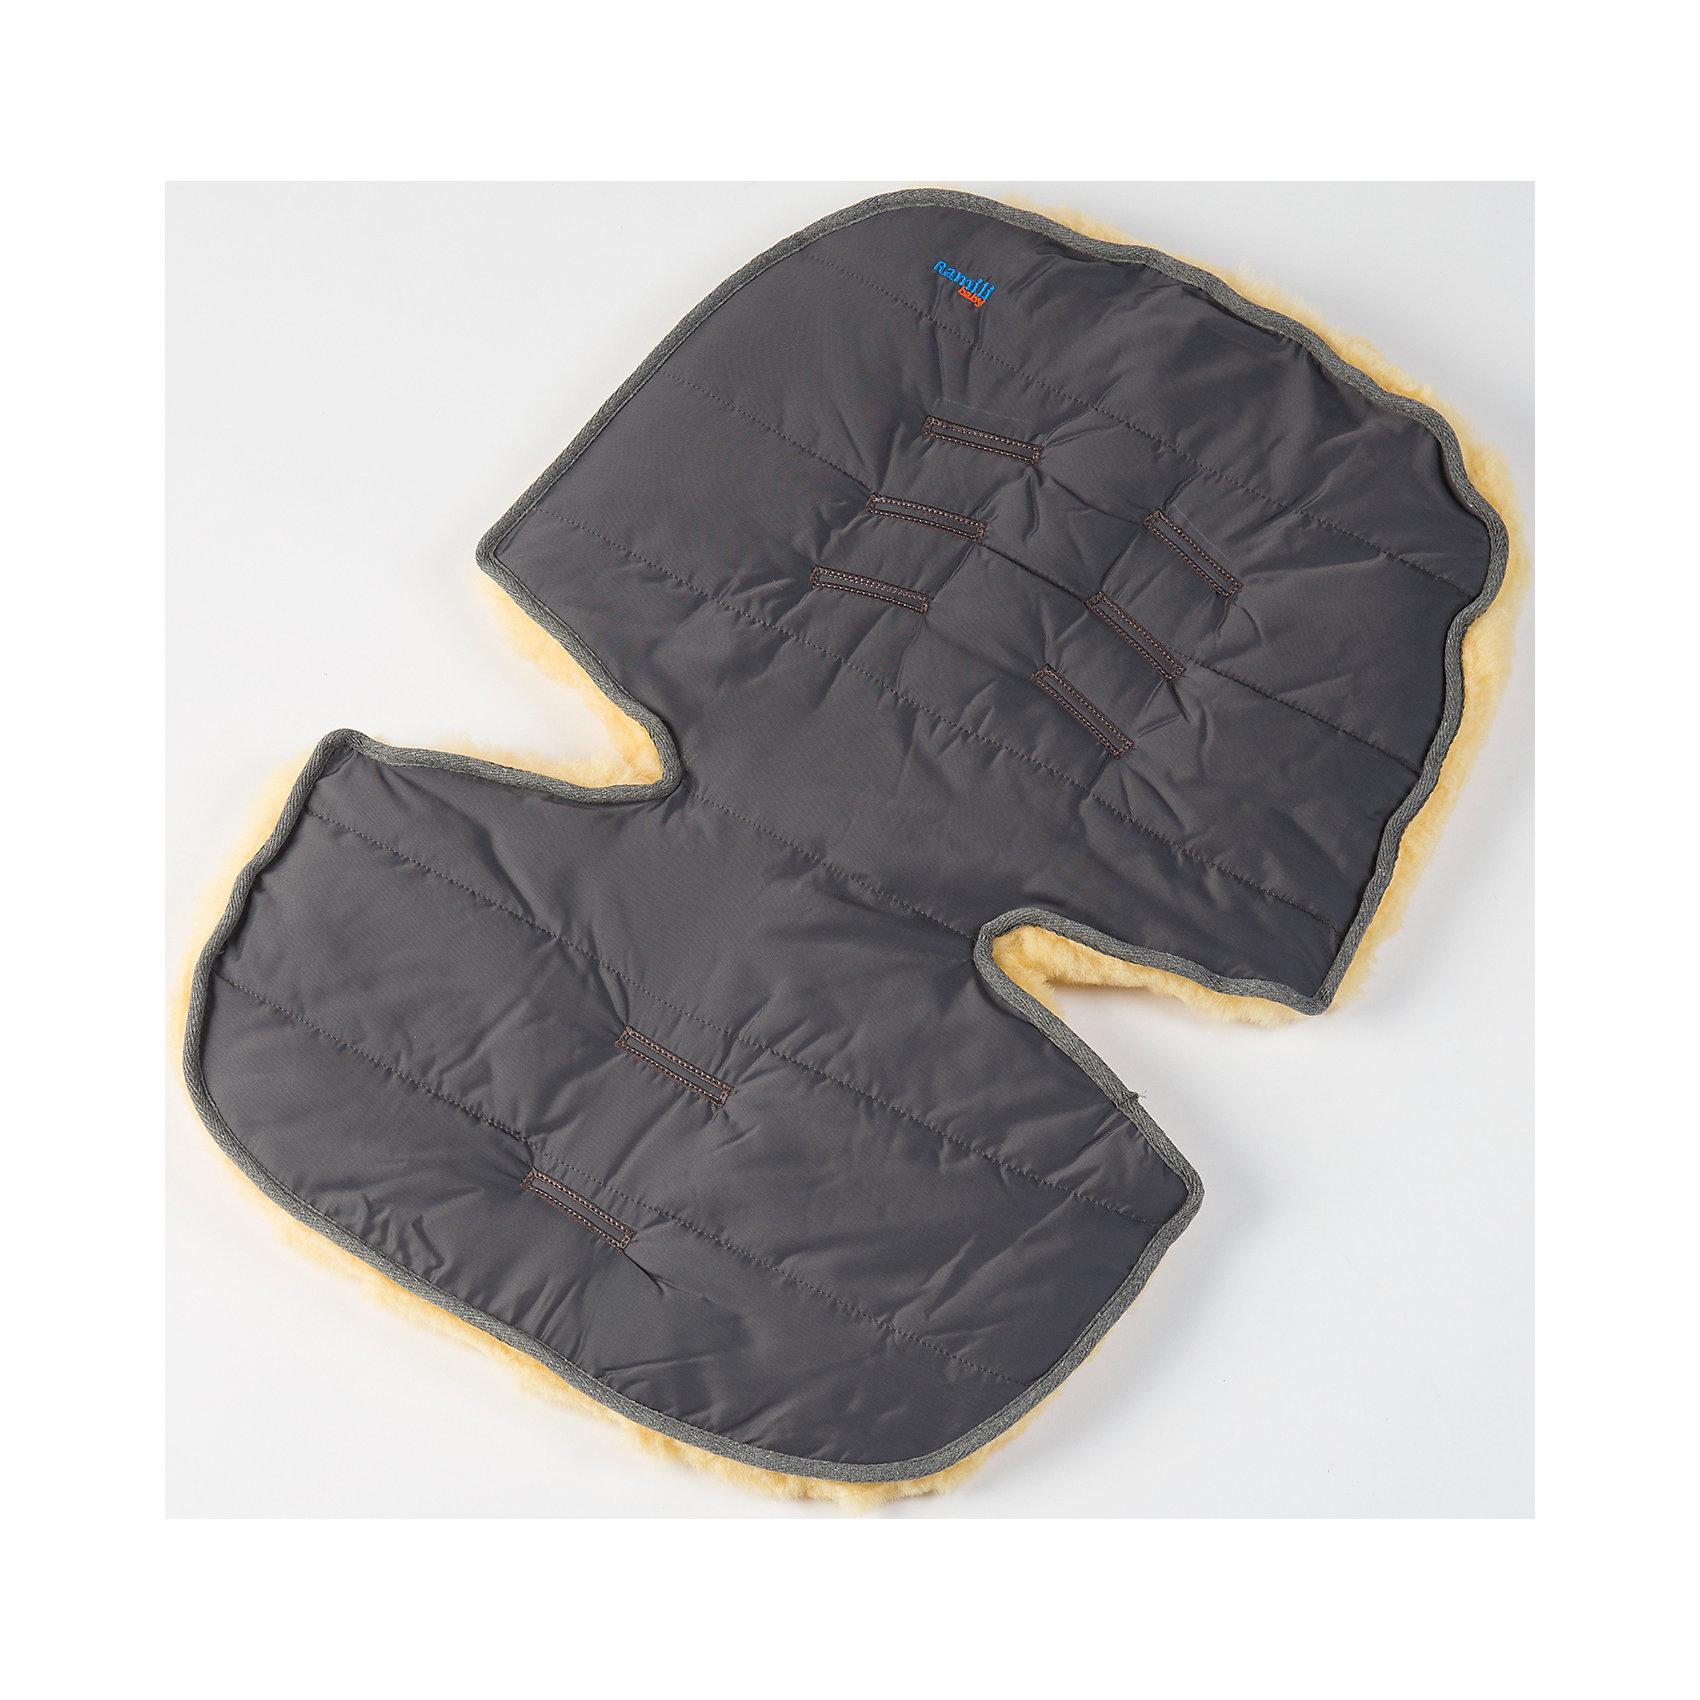 Меховой коврик для коляски и автокресла,  Ramili, серыйХарактеристики:<br><br>• Предназначение: для прогулок, для игр<br>• Сезон: зима<br>• Пол: универсальный<br>• Цвет: серый<br>• Коллекция: Classic <br>• Состав: овчина, 100%<br>• Предусмотрены прорези для ремней безопасности<br>• Размеры конверта (Д*Ш): 70*30 см<br>• Вес с упаковкой: 2 кг <br>• Уход: машинная стирка при температуре не более 40 градусов<br><br>Меховой коврик для коляски и автокресла, Ramili, серый изготовлен по британской технологии с соблюдением всех норм и требований к безопасности для изделий, предназначенных для новорожденных.Тыльная сторона коврика выполнена из плащевой ткани, которая обеспечивает защиту от ветра и влаги, при этом обладает высокими износоустойчивыми свойствами; внешняя часть – из натуральной овчины, выделанной по специализированной технологии обработки, при которой не используются красители и химические вещества. При этом при обработке сохраняются свойства натуральной овчины и завиток, который обеспечивает повышенные теплоизоляционные свойства. Изделие обладает высокими гипоаллергенными свойствами. Коврик имеет уникальную форму, благодаря чему он подходит практически для всех моделей колясок и автокресел. Также его можно использовать для игр ребенка на полу.<br>Меховой коврик для коляски и автокресла, Ramili, серый – это качественные, комфортные и многофункциональные изделия для самых маленьких!<br><br>Меховой коврик для коляски и автокресла, Ramili, серый можно купить в нашем интернет-магазине.<br><br>Ширина мм: 700<br>Глубина мм: 500<br>Высота мм: 50<br>Вес г: 500<br>Возраст от месяцев: 0<br>Возраст до месяцев: 12<br>Пол: Унисекс<br>Возраст: Детский<br>SKU: 4980608